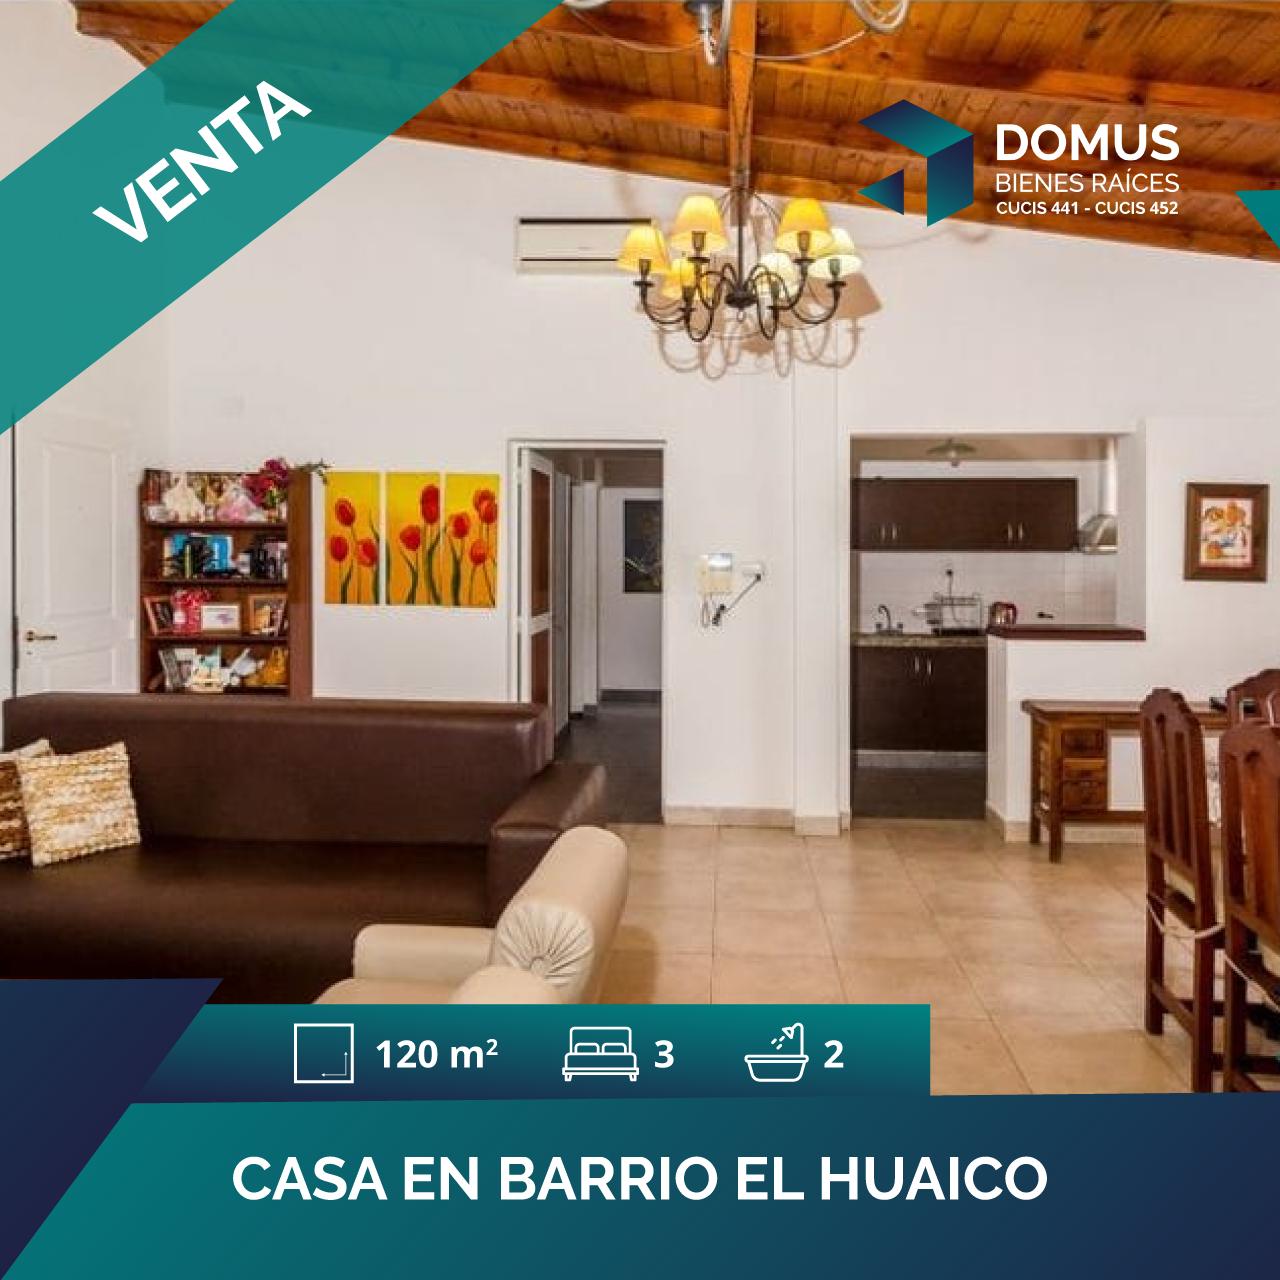 Casa en Barrio El Huaico - Salta - Precio: 100000 dólares.